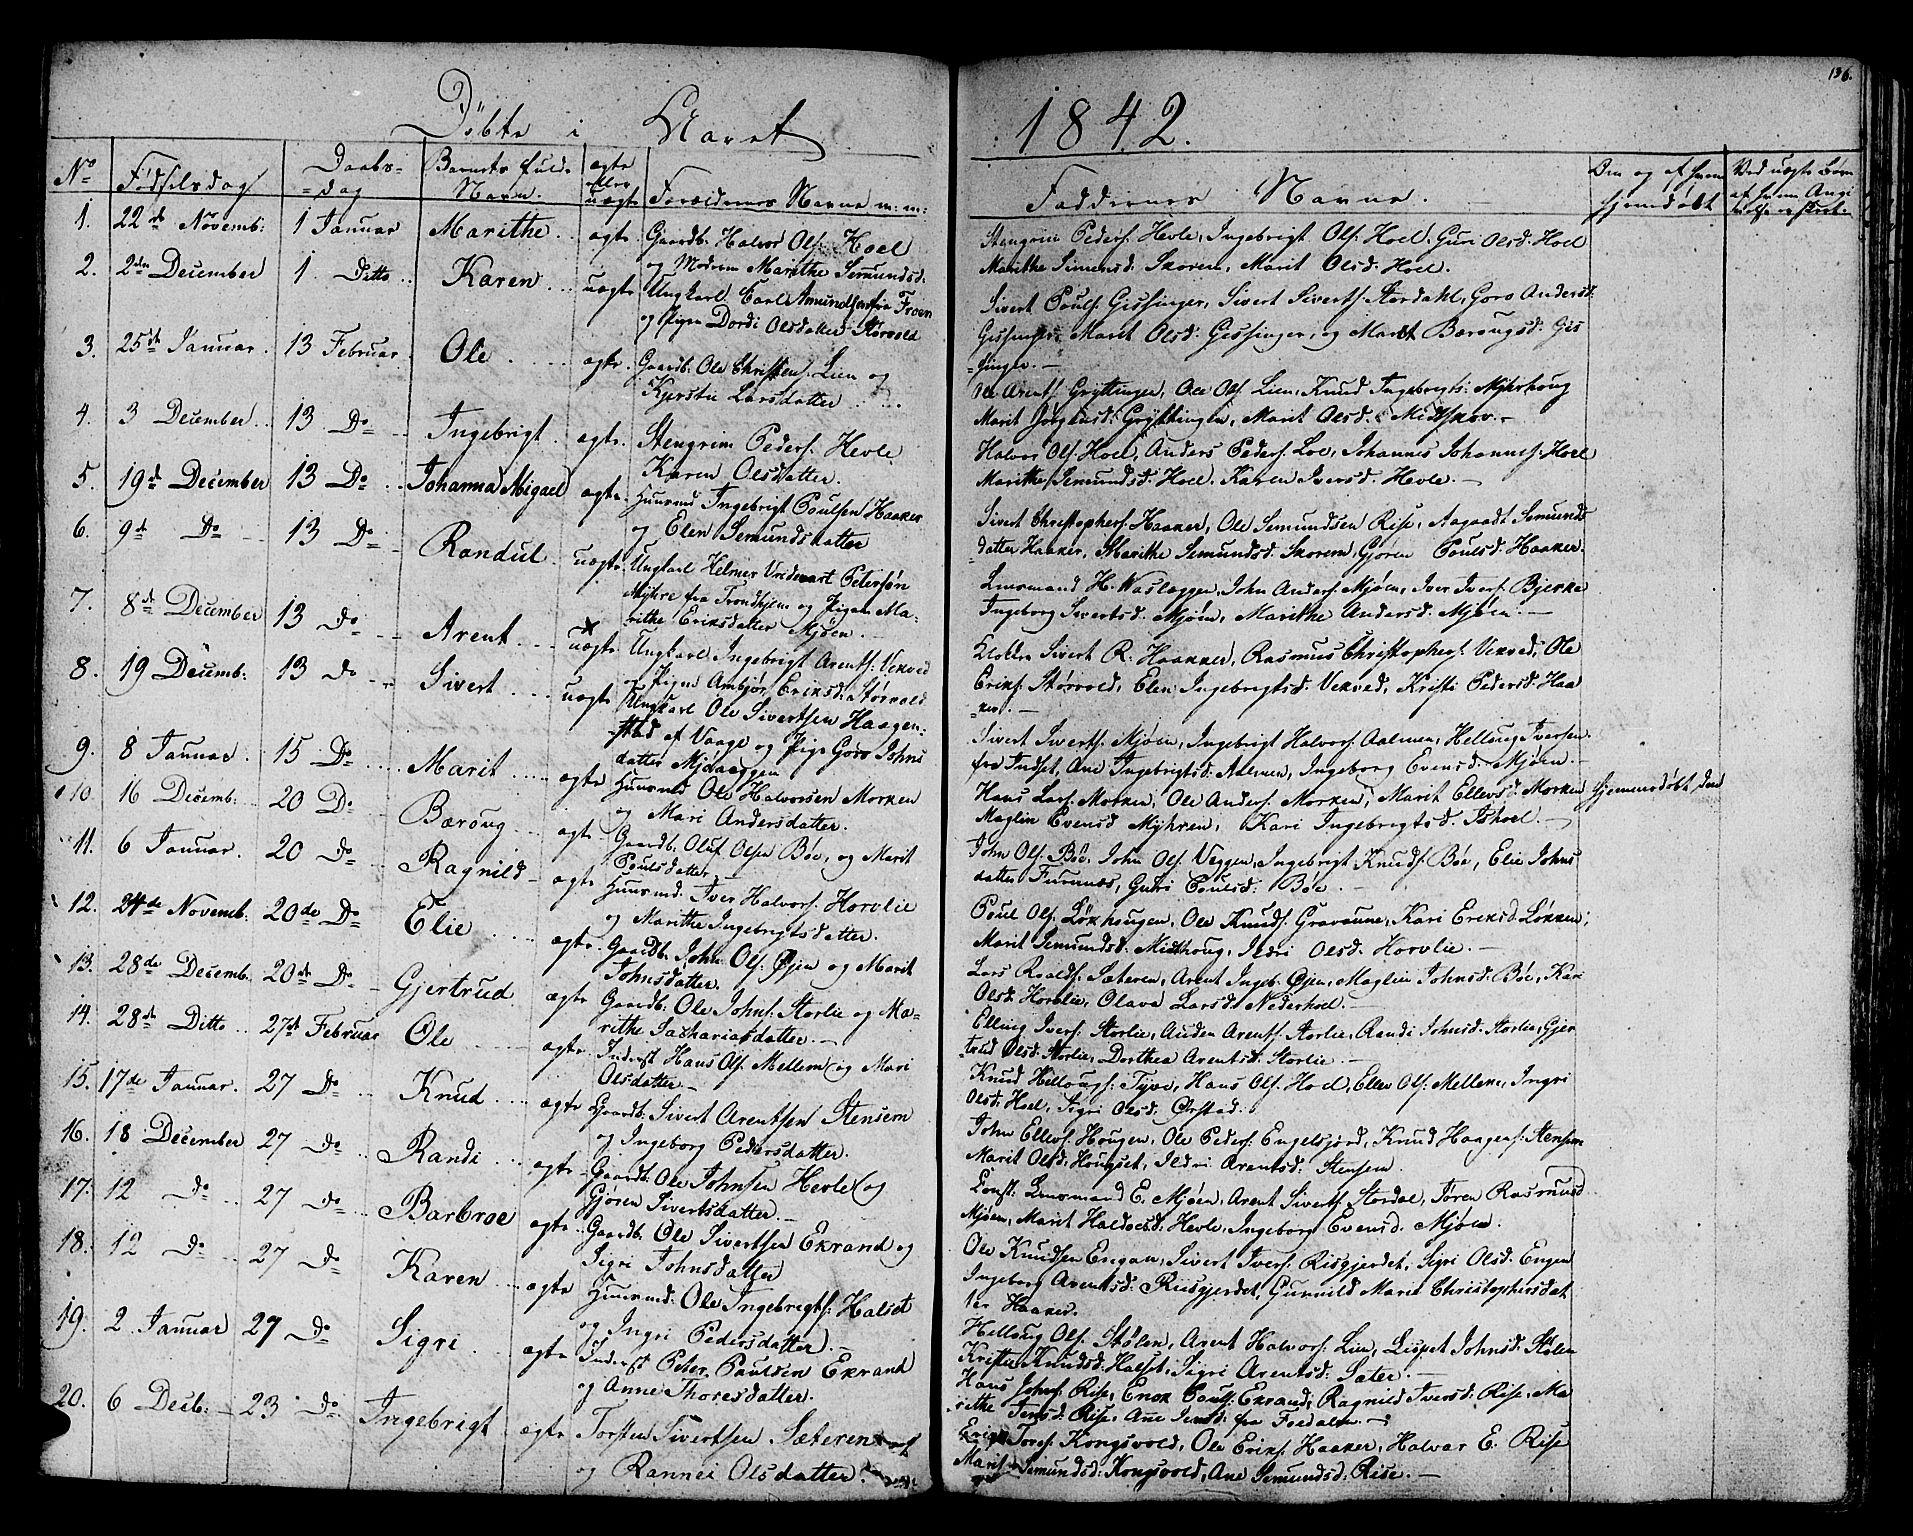 SAT, Ministerialprotokoller, klokkerbøker og fødselsregistre - Sør-Trøndelag, 678/L0897: Ministerialbok nr. 678A06-07, 1821-1847, s. 136